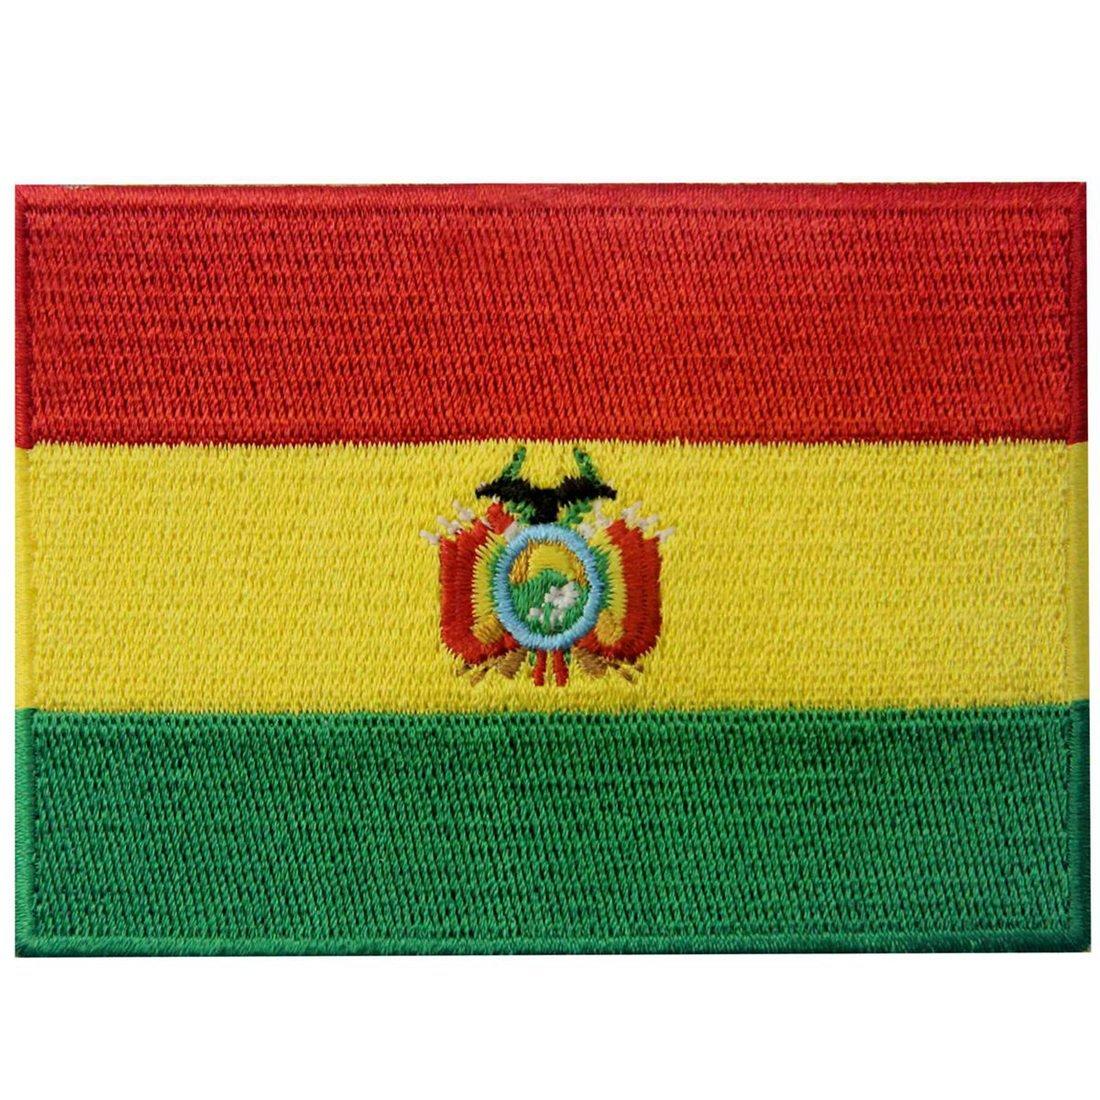 EmbTao Bandiera della Bolivia Termoadesiva Cucibile Ricamata Boliviano Nazionale Toppa